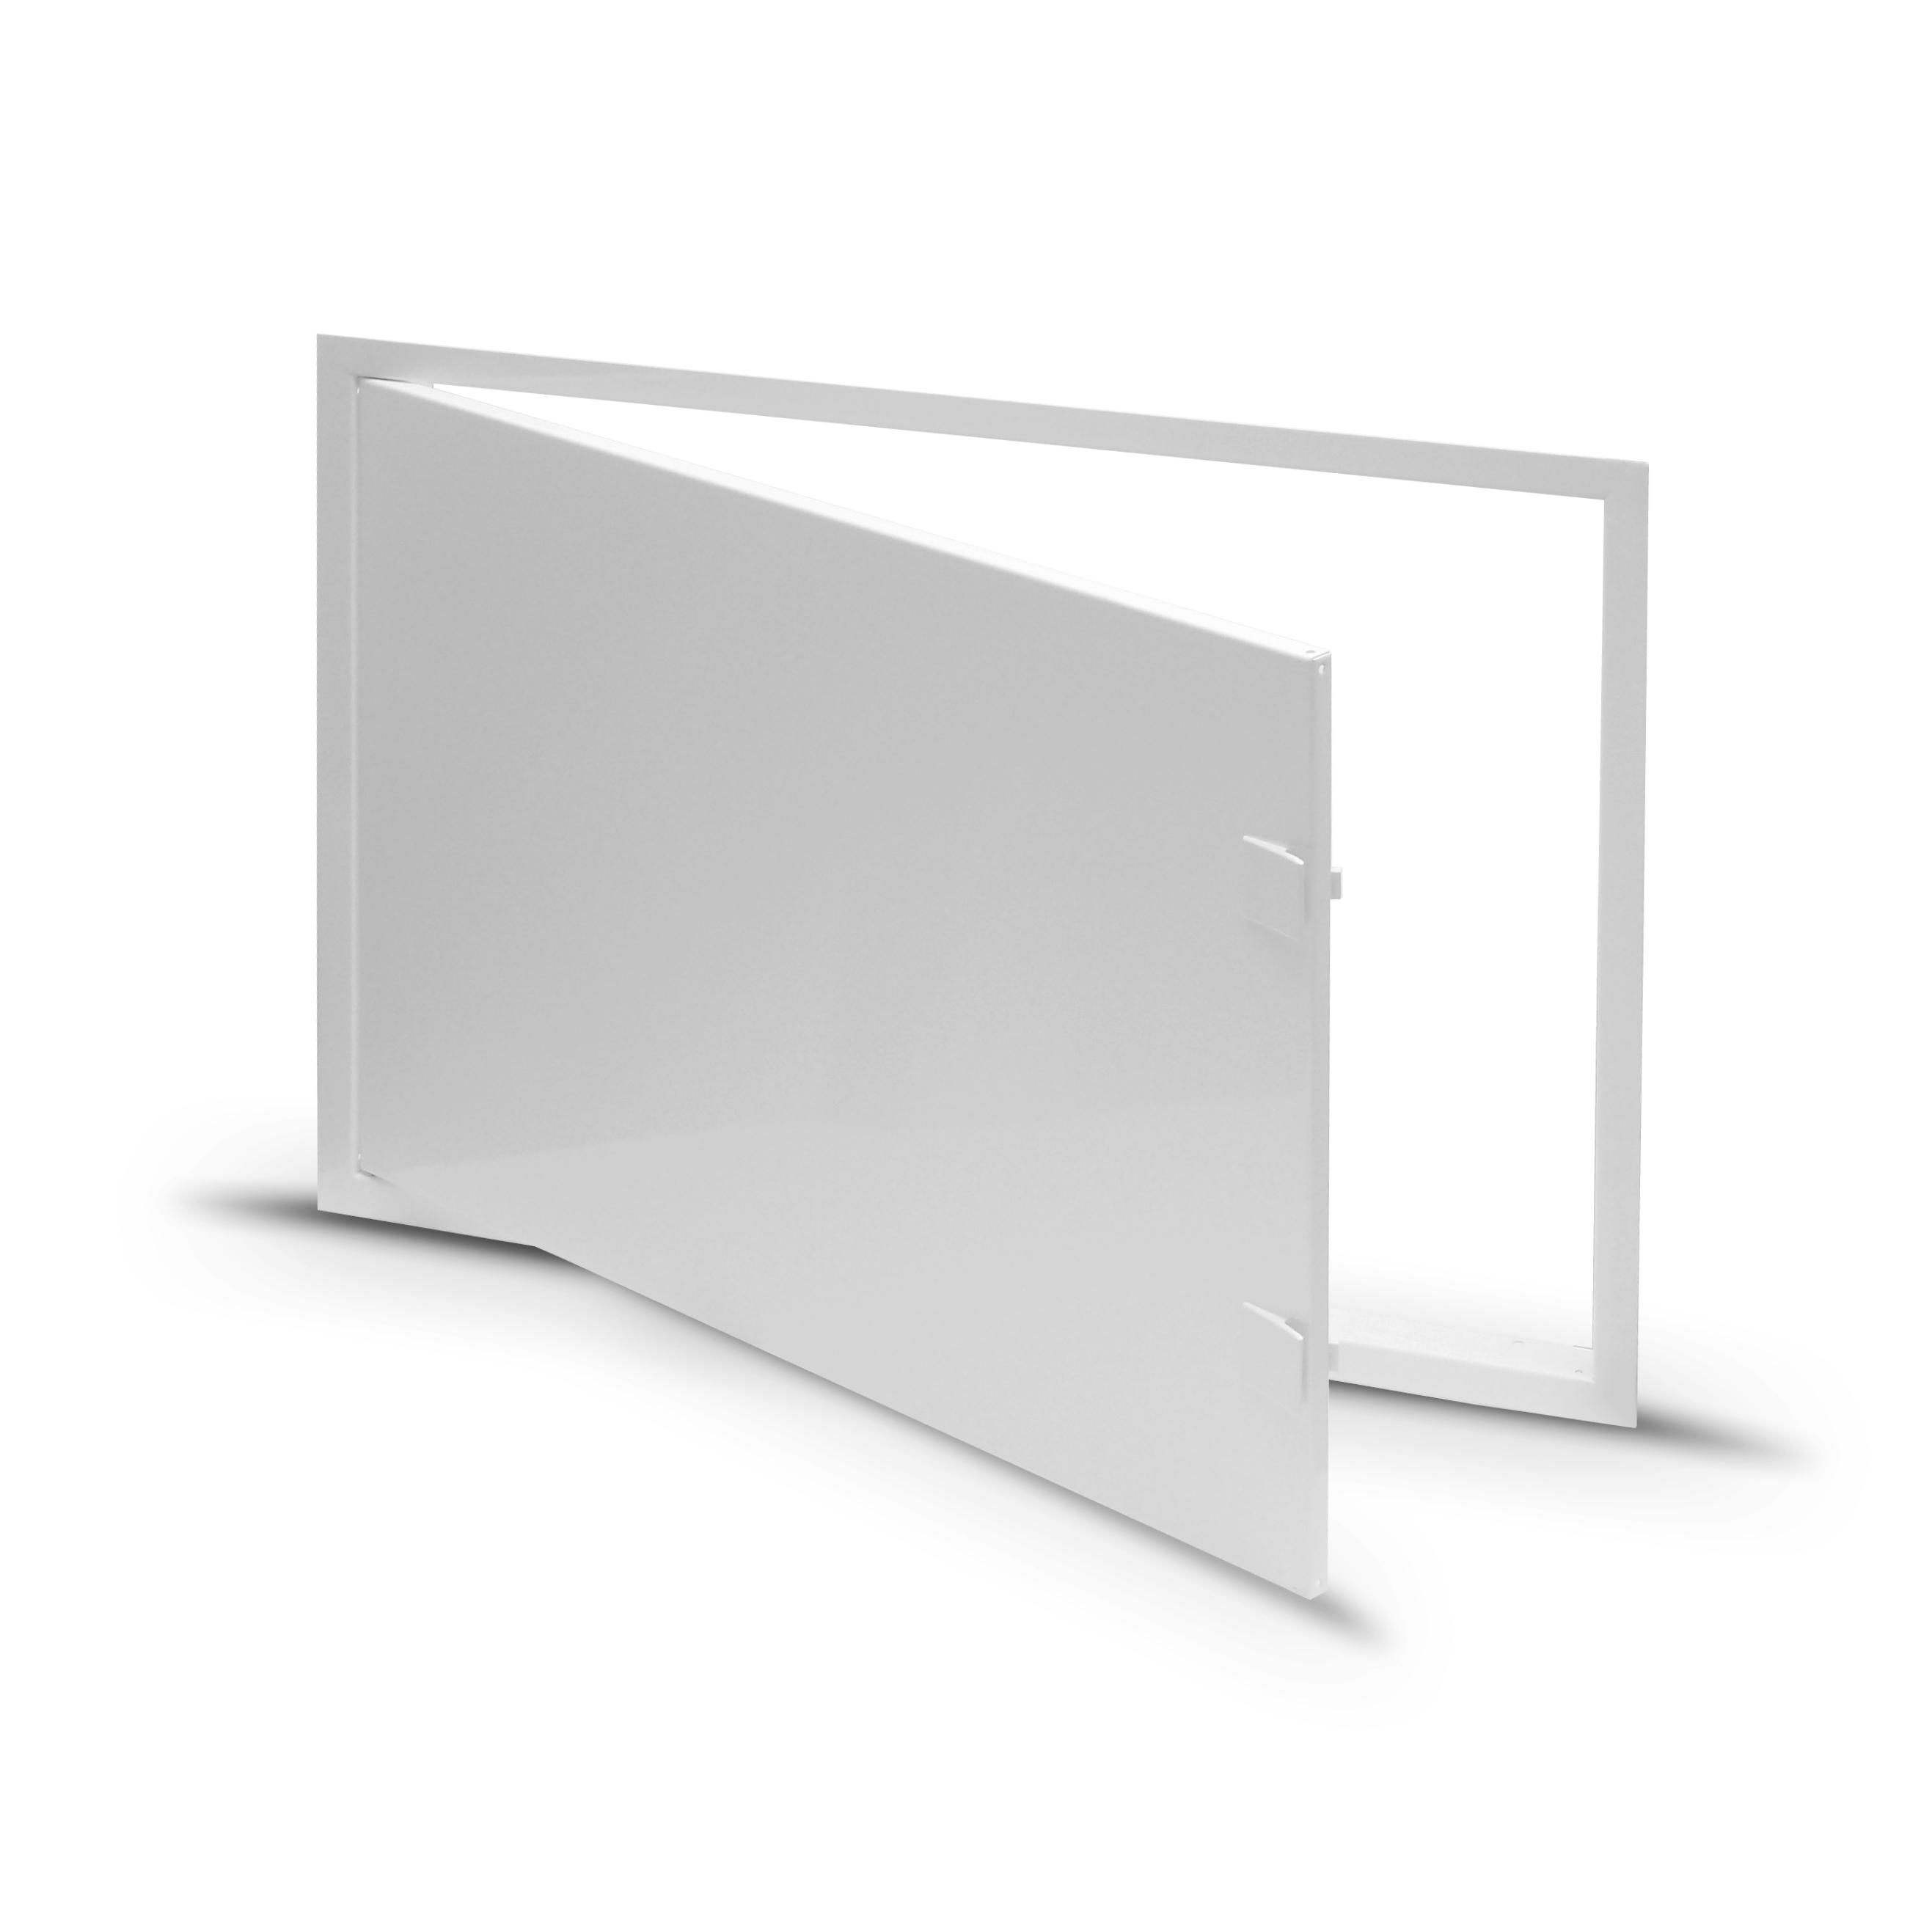 Revizní dvířka kovová 600x400 DMR bílá